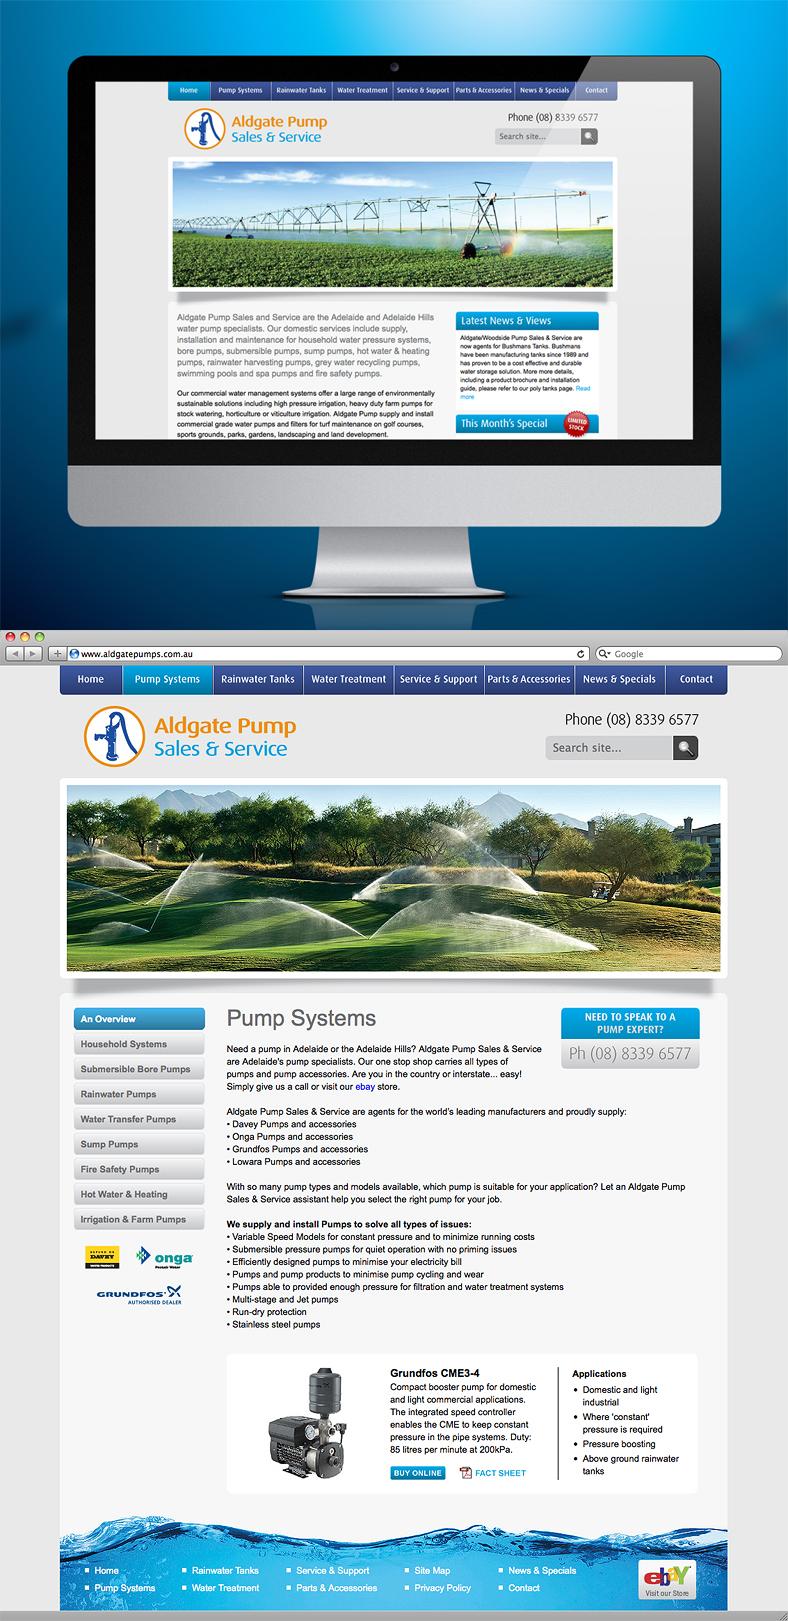 NrG Advertising Website Development for Aldgate Pump Sales & Service